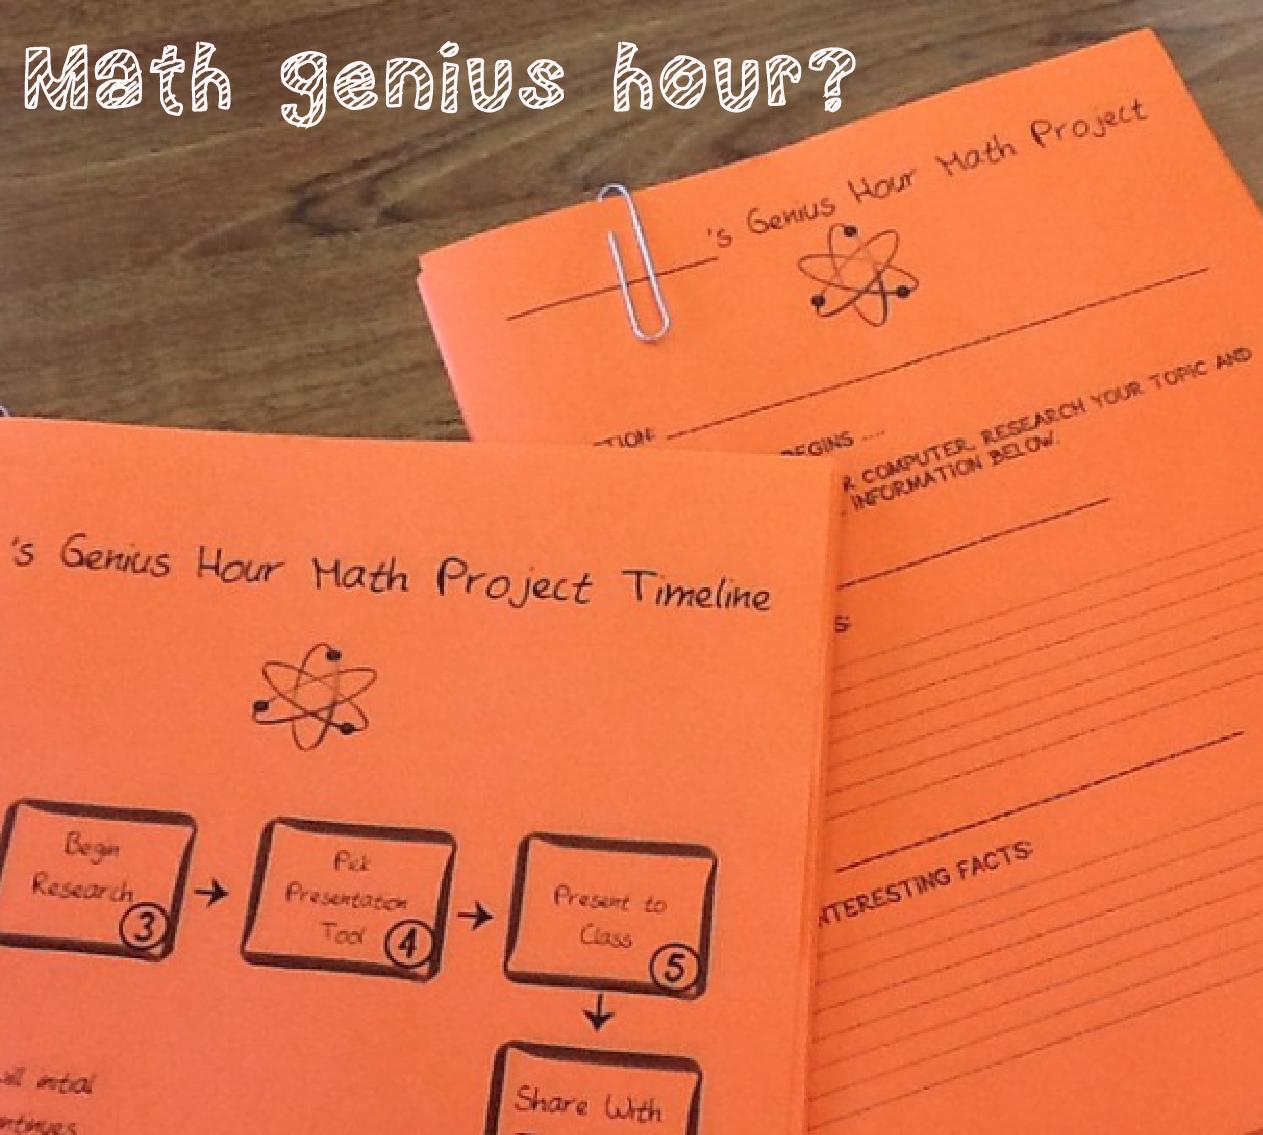 using genius hour ideas in math class